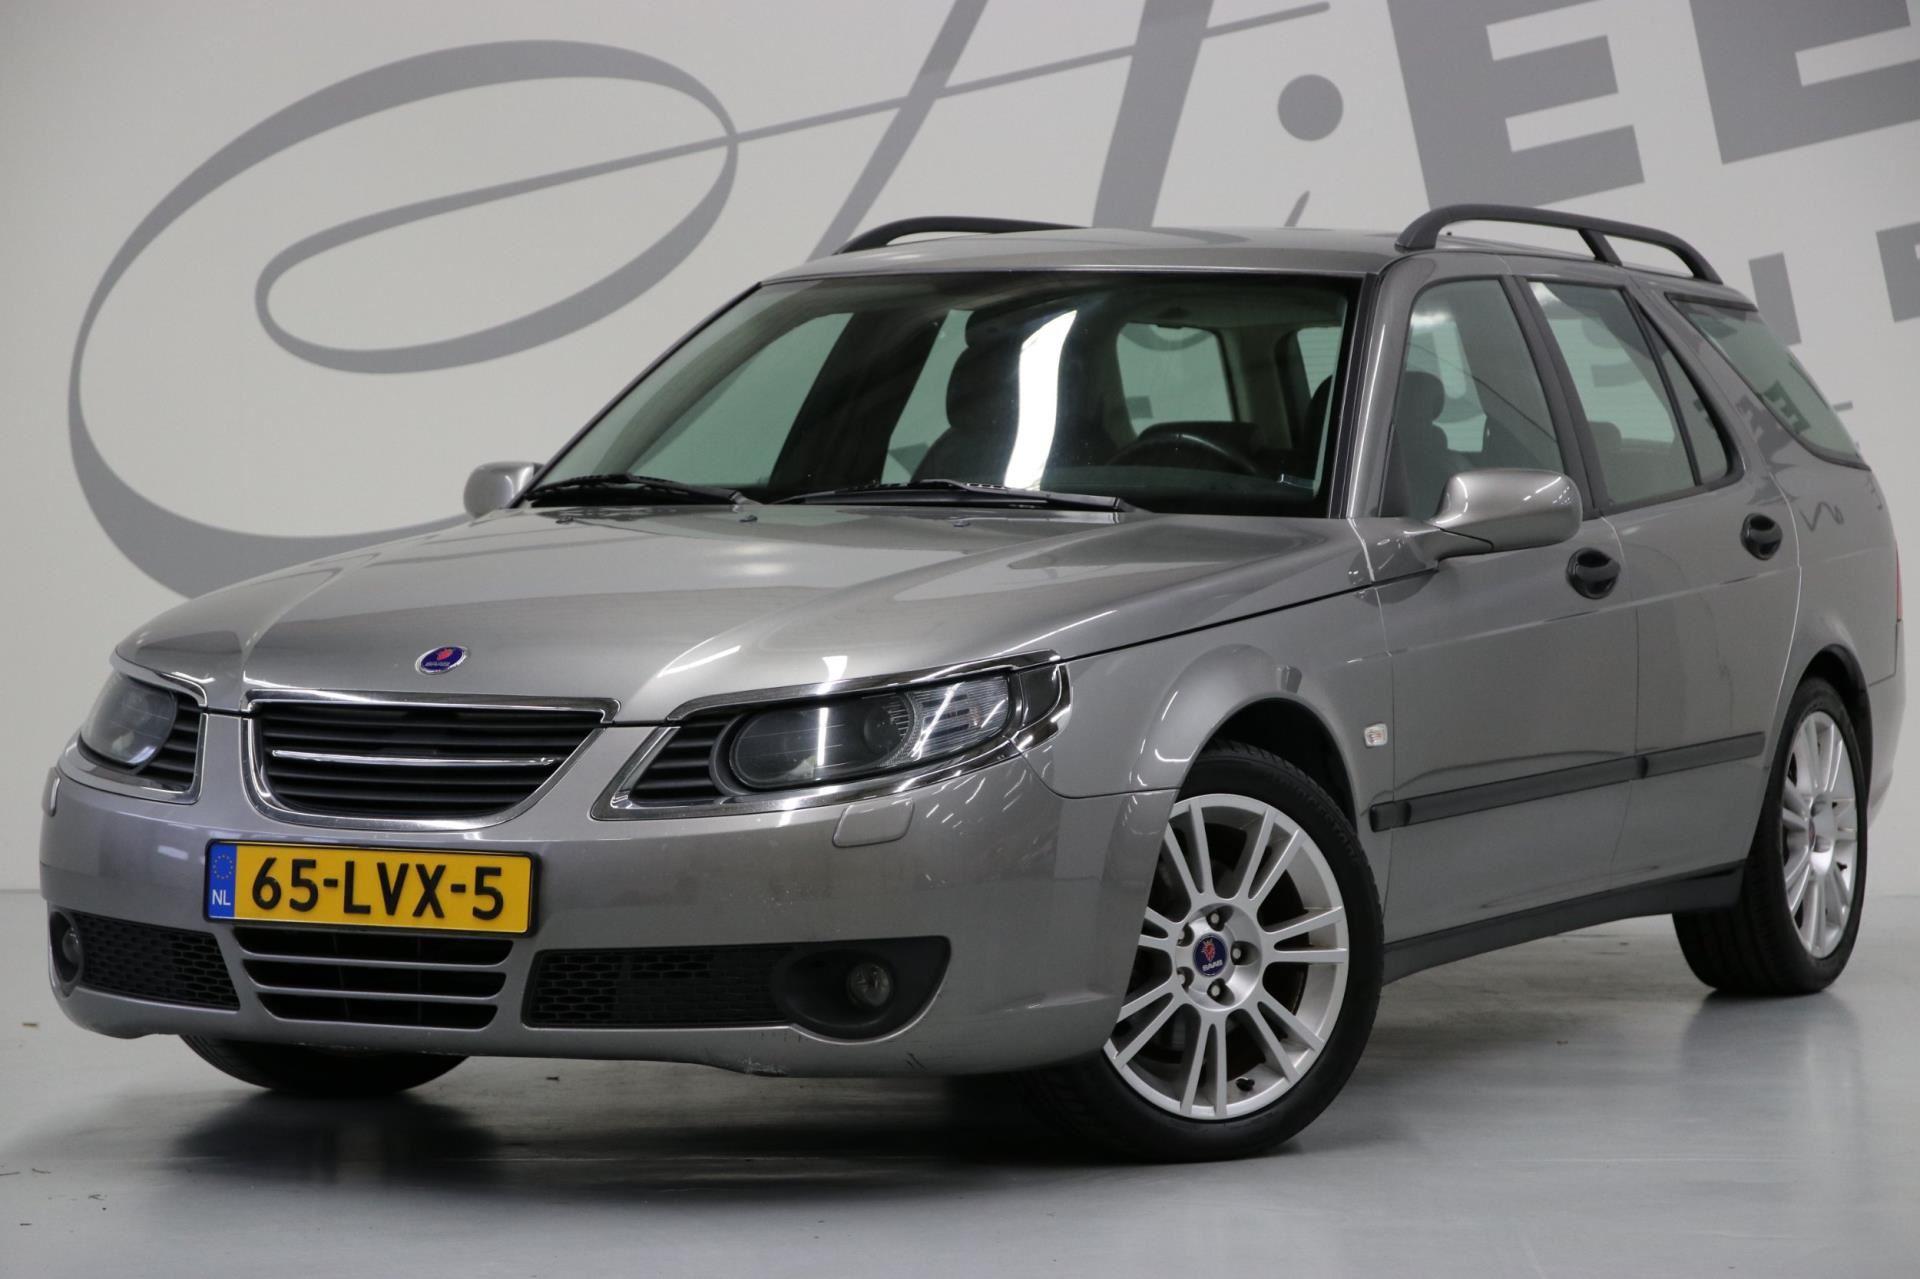 Saab 9-5 Estate occasion - Aeen Exclusieve Automobielen